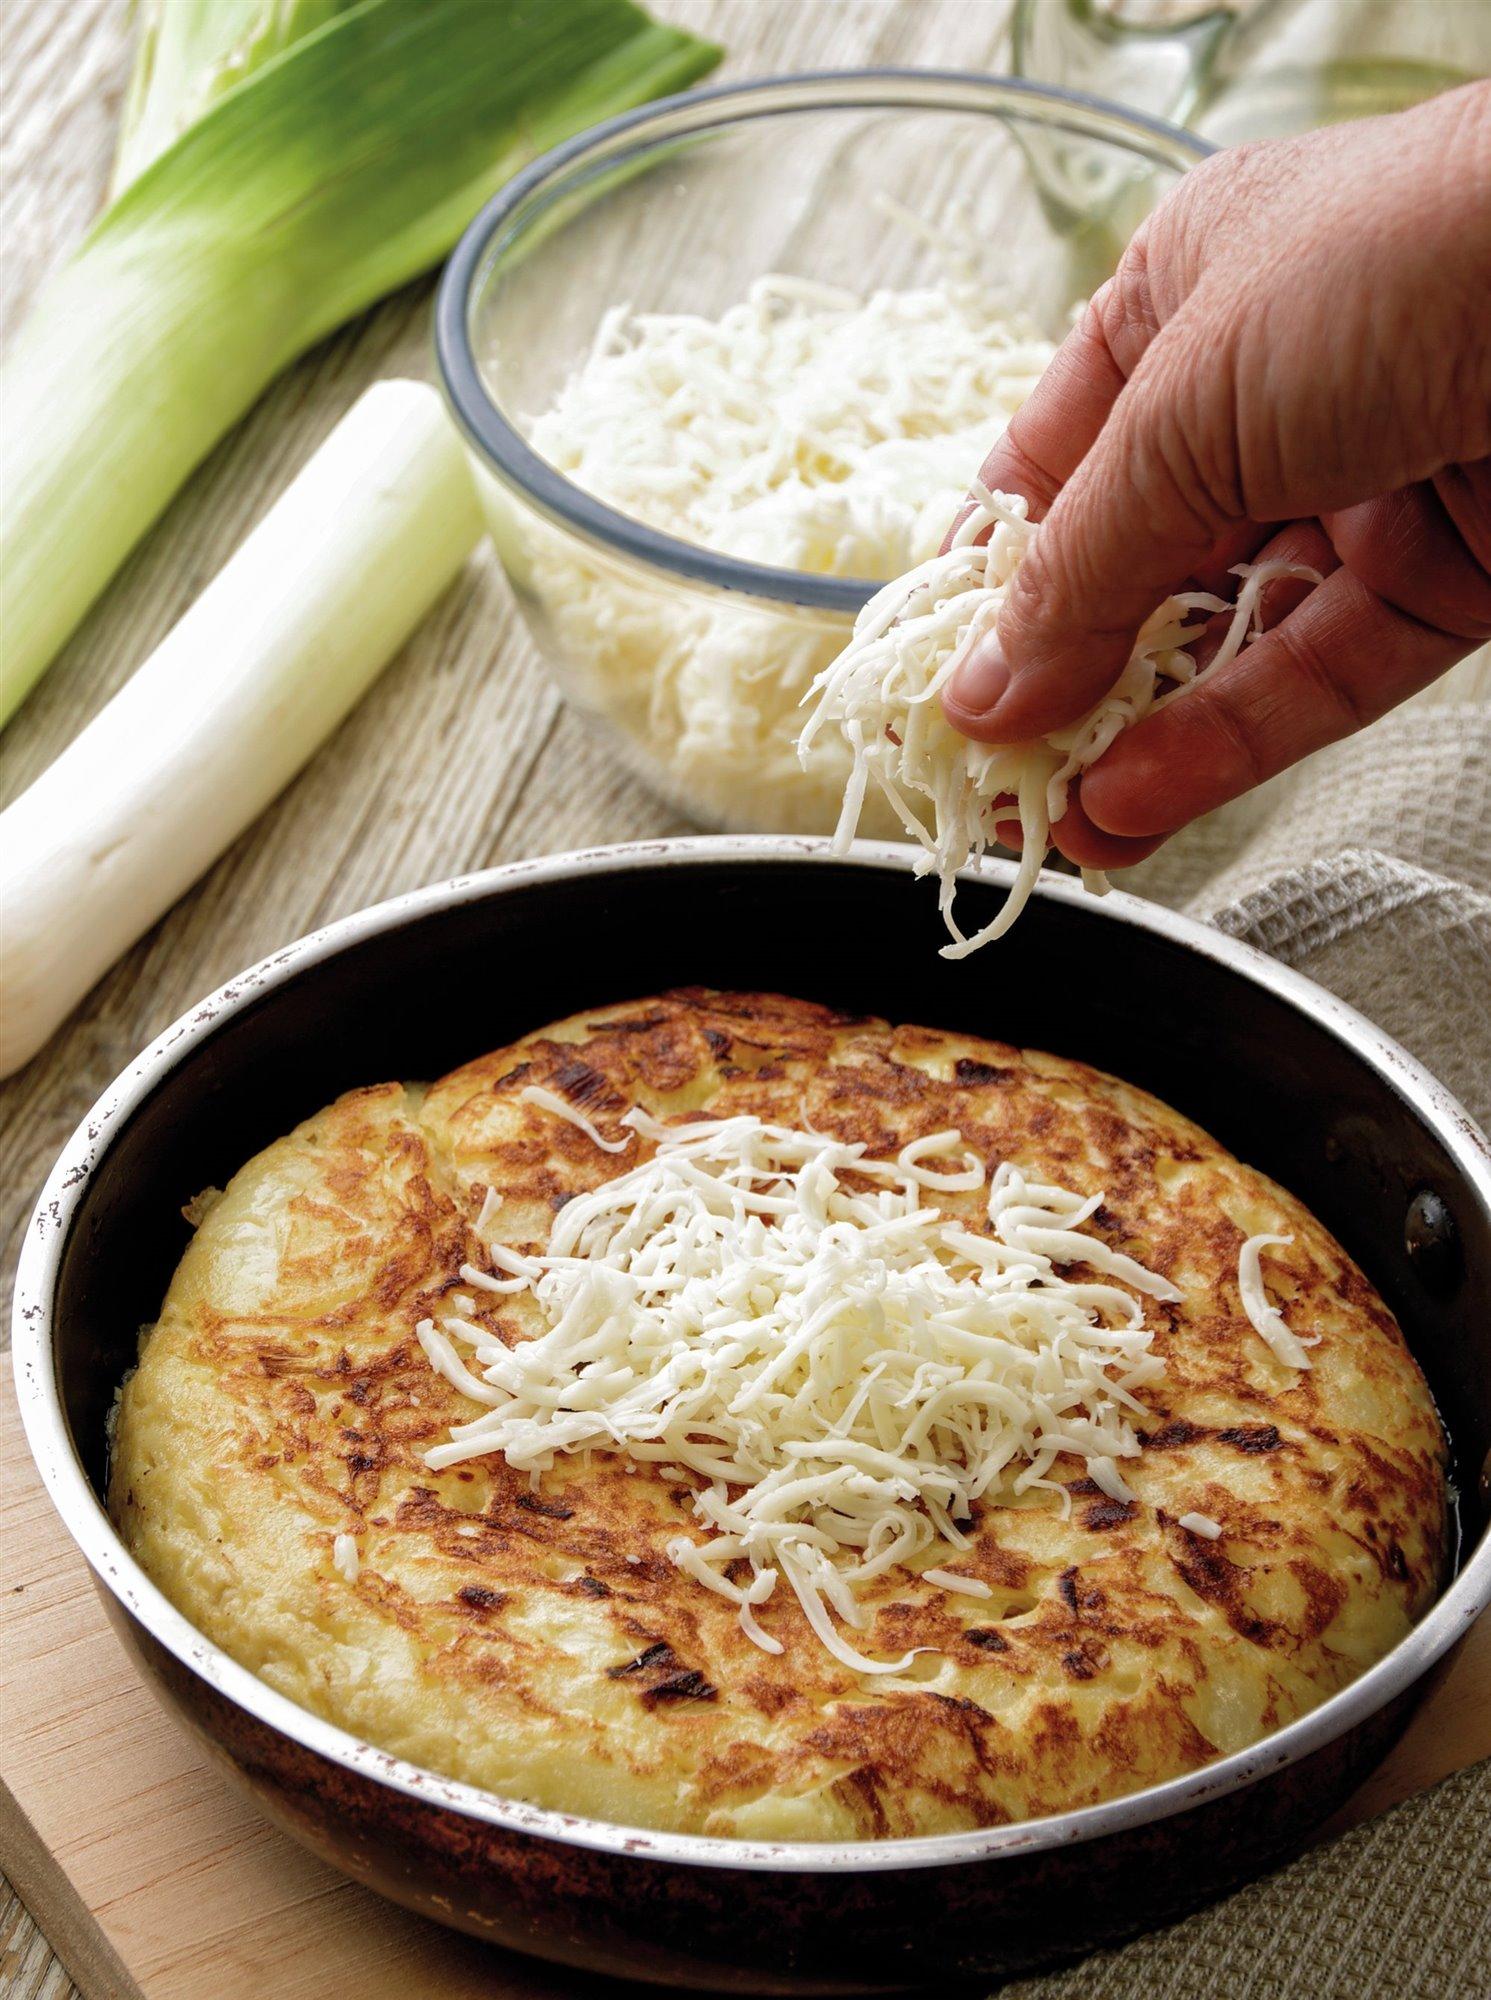 5. Reparte el queso